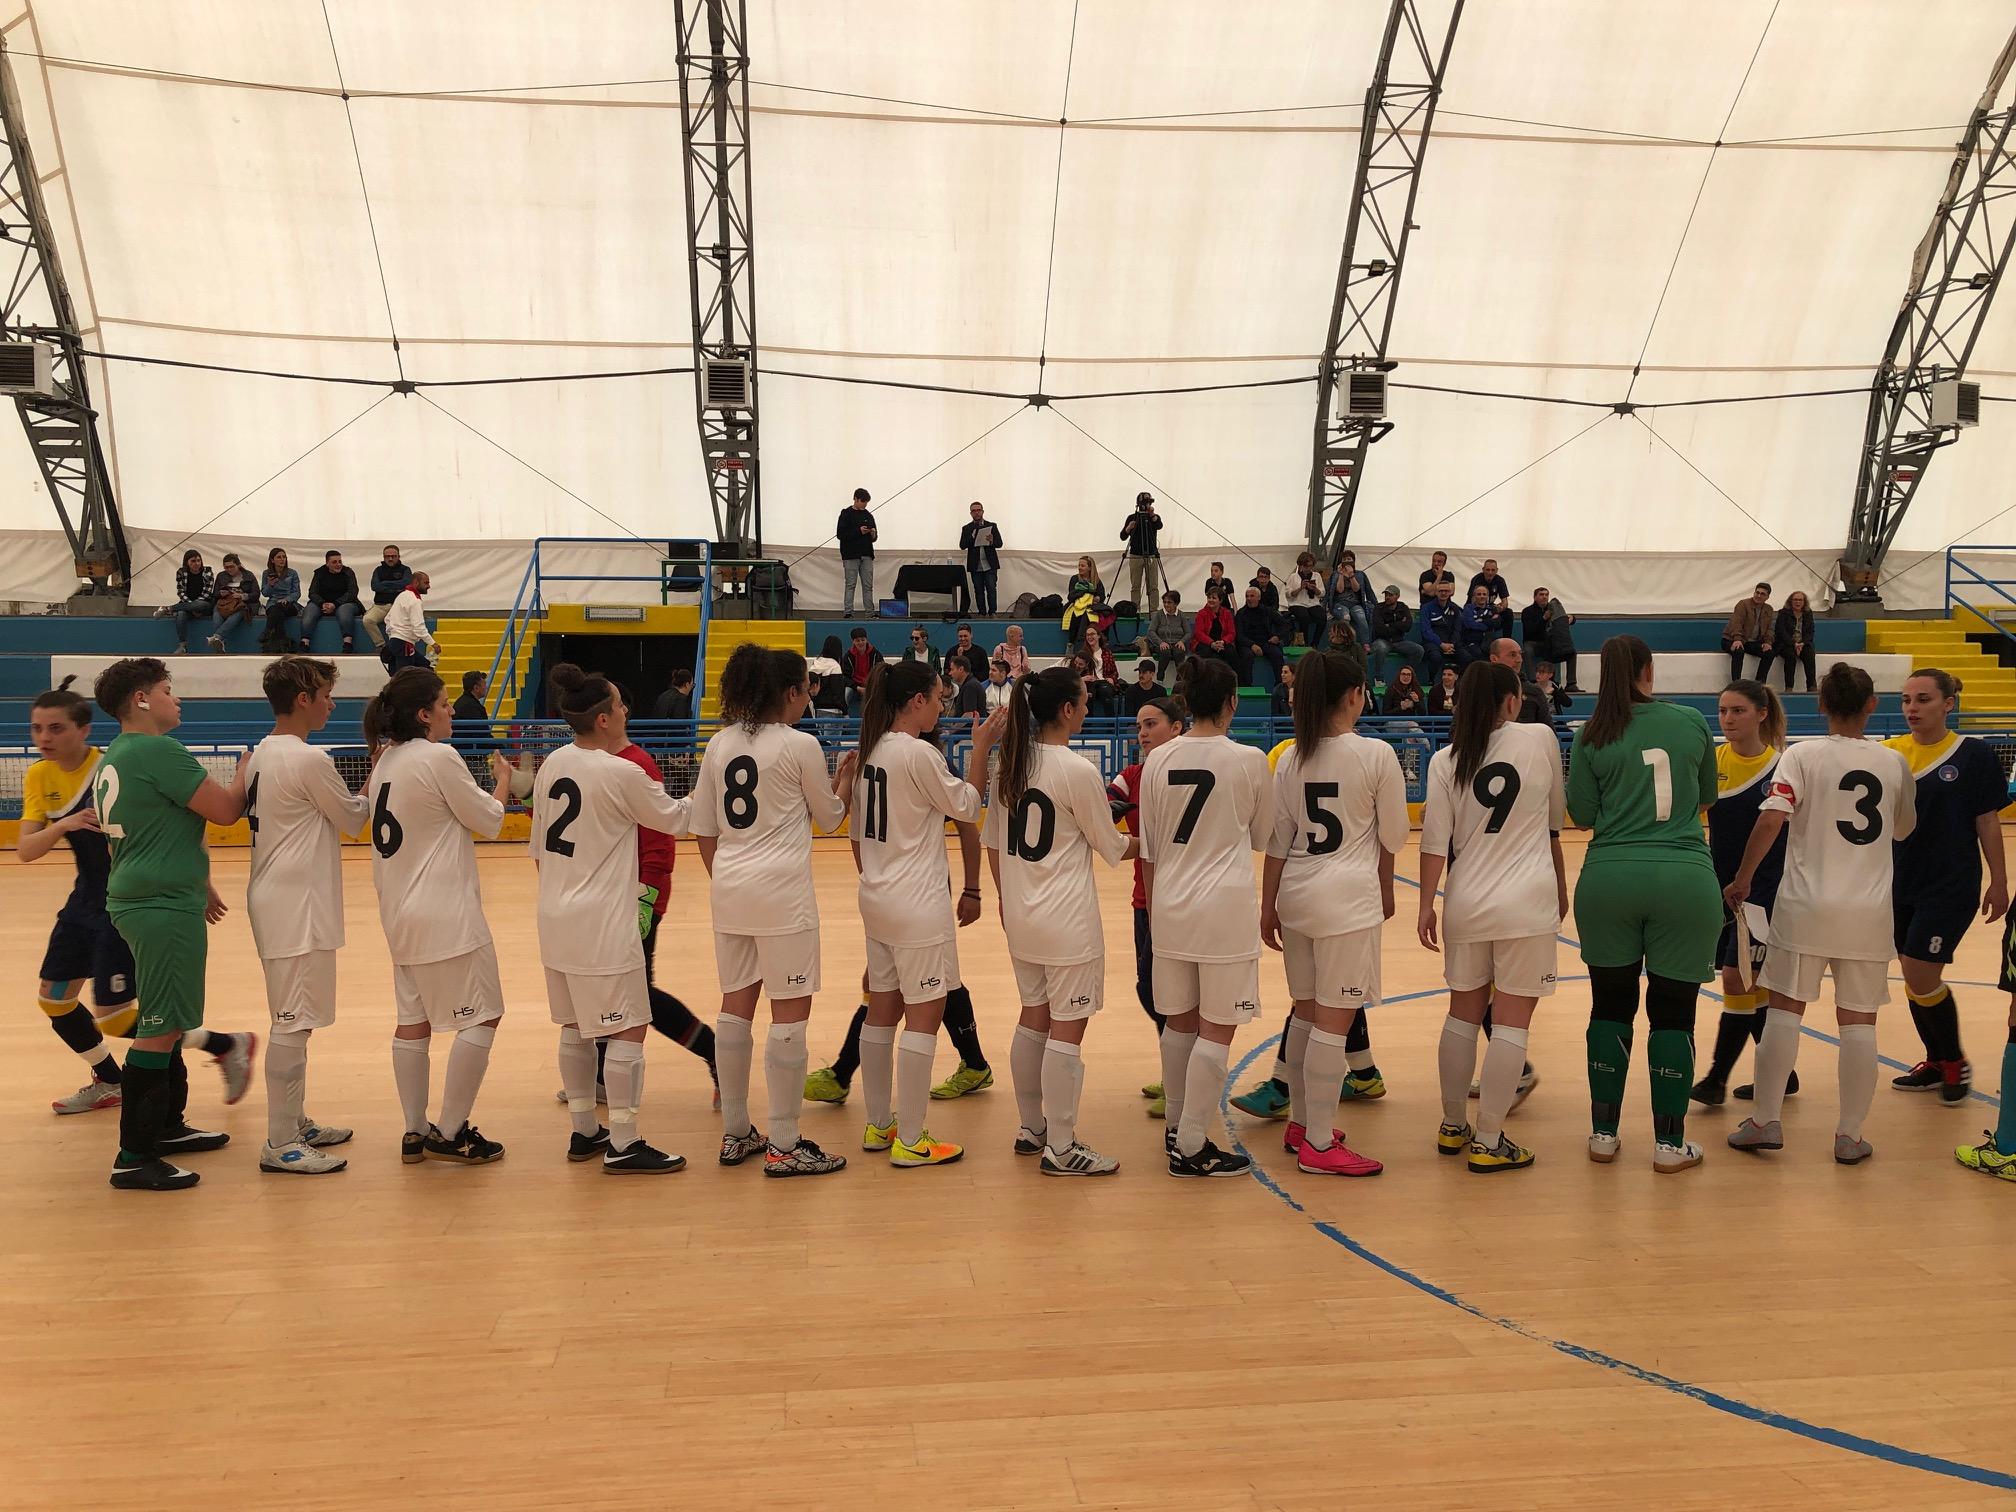 Torneo delle Regioni di calcio a 5: a Matera esordio amaro anche per la formazione femminile di mister Pietrunti sconfitta 5 a 2 dalla Basilicata.